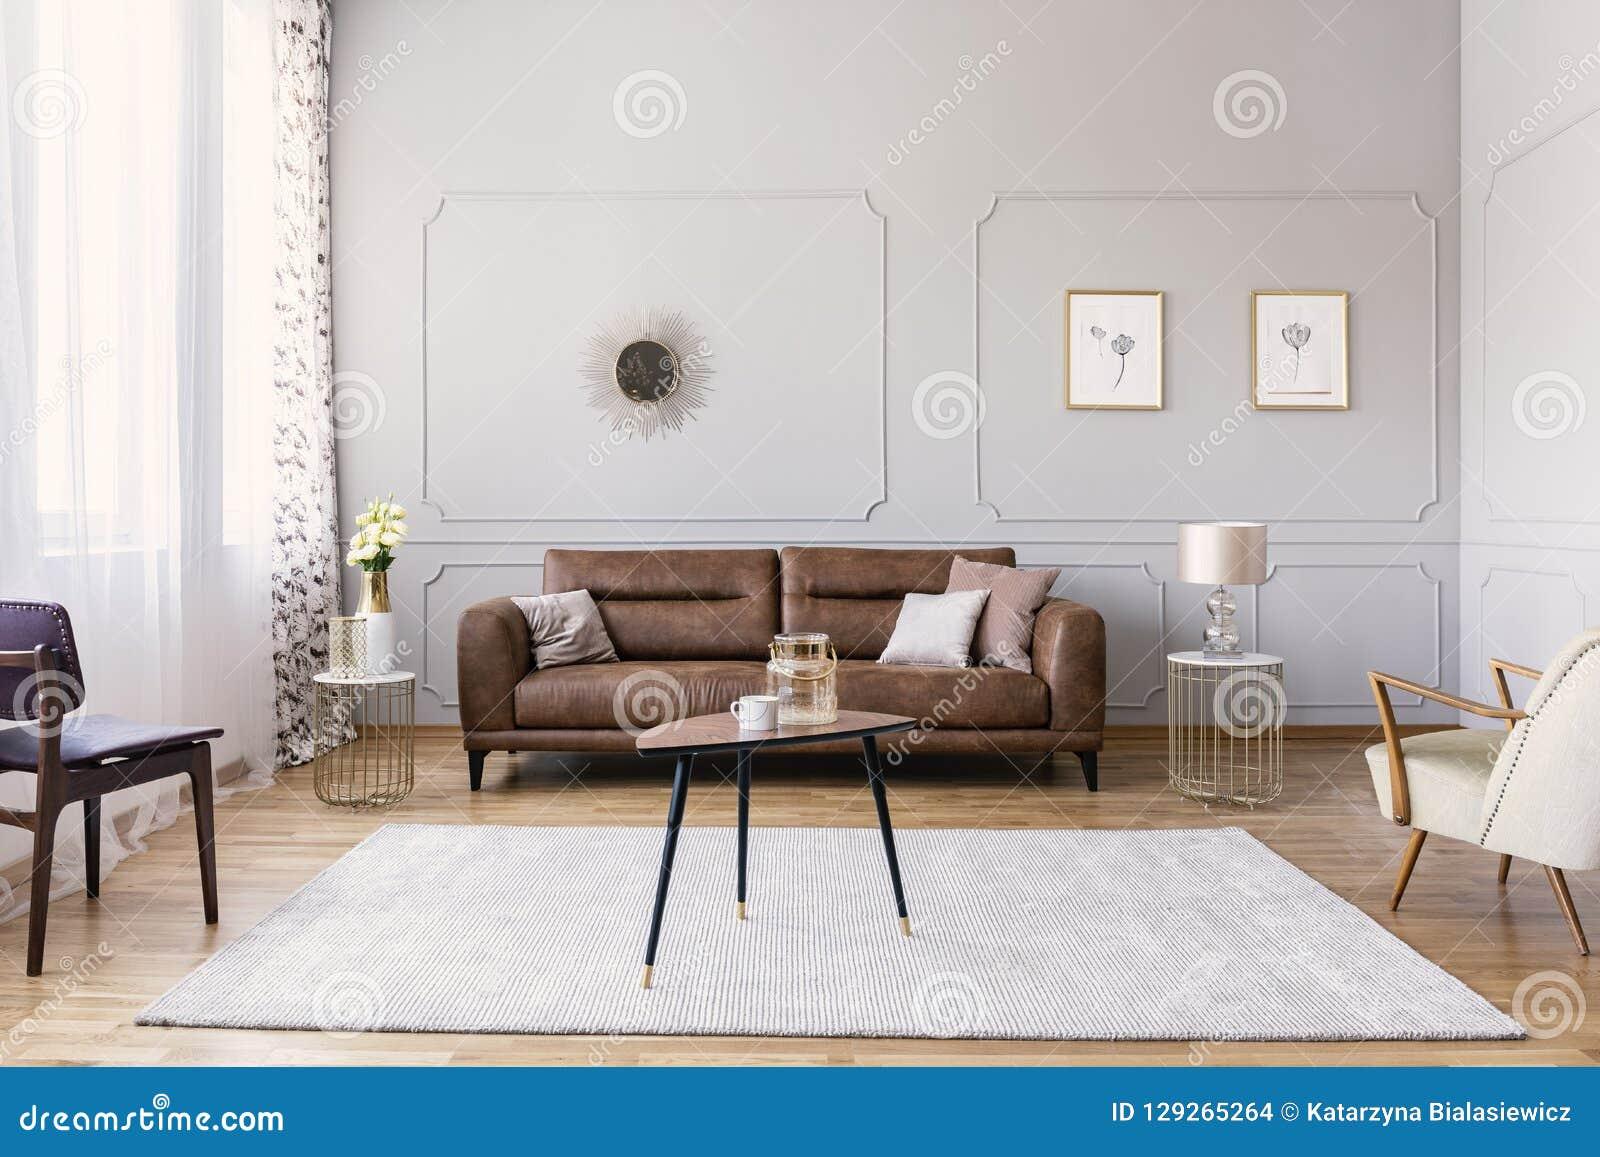 Couchtisch mit Vase und Becher mitten in elegantem Wohnzimmerinnenraum mit bequemem ledernem Sofa, stilvoller purpurroter Stuhl